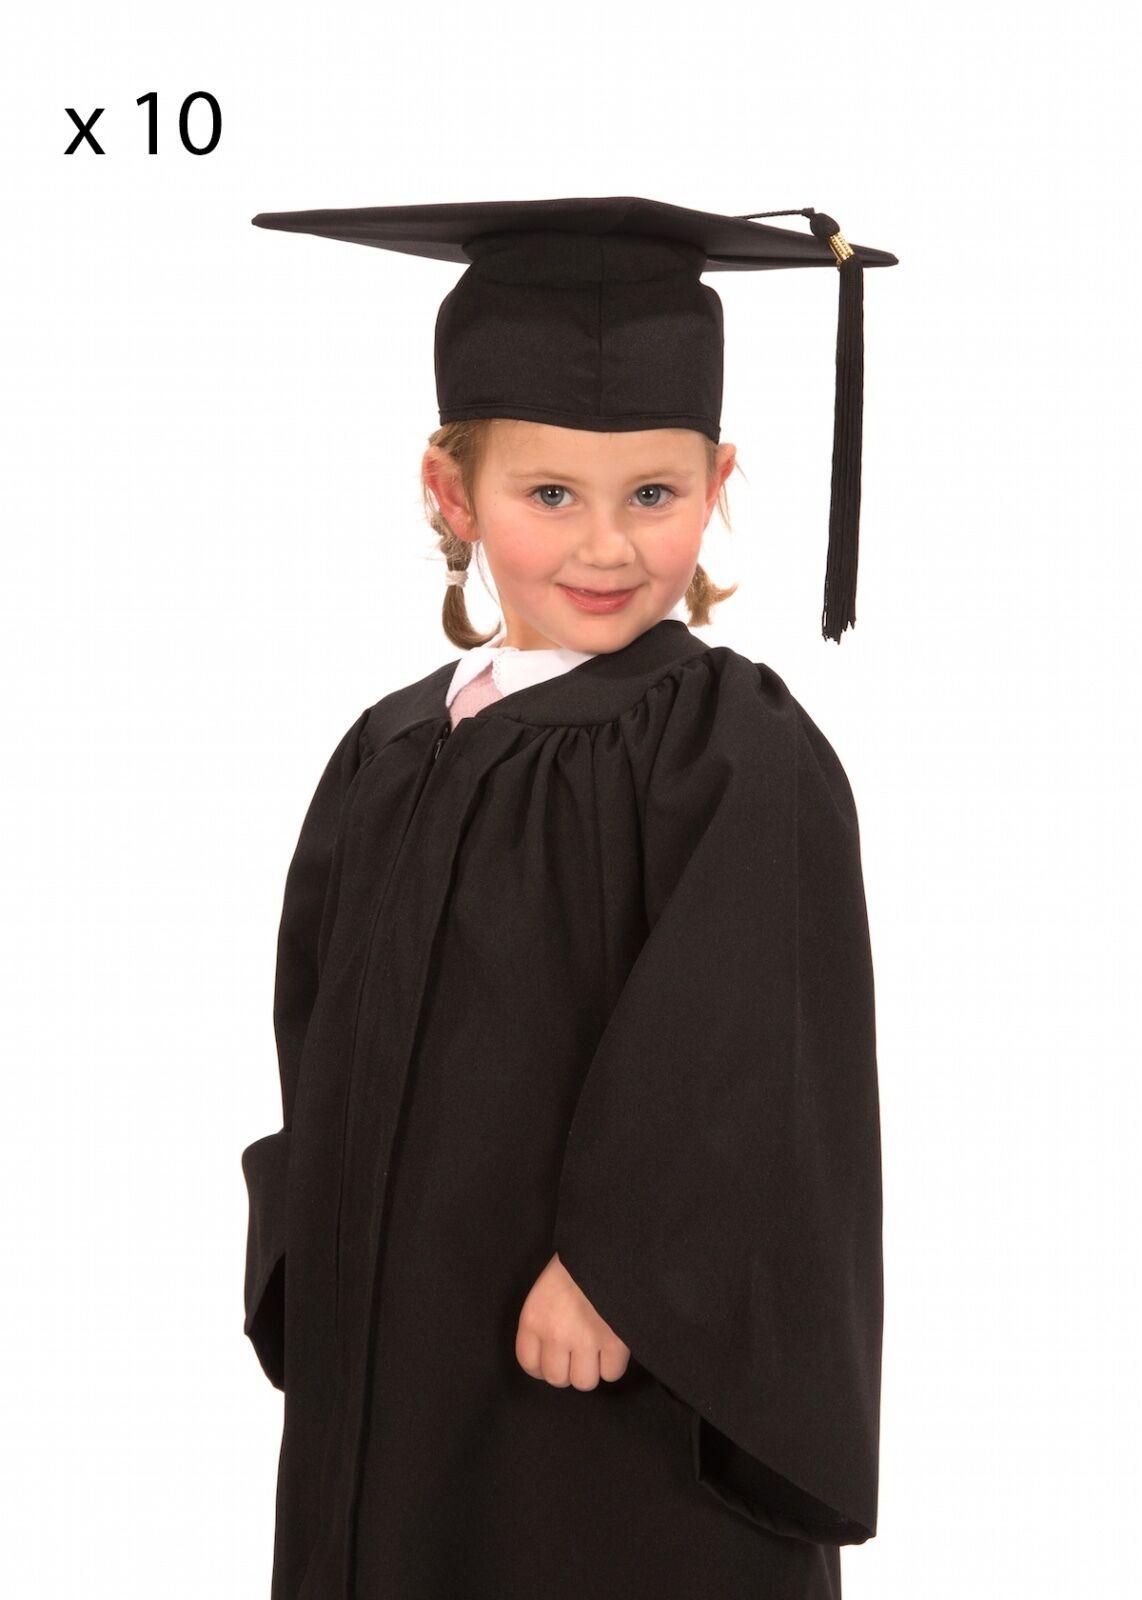 10 X Enfants'S Nursery toge et Cap-Matte